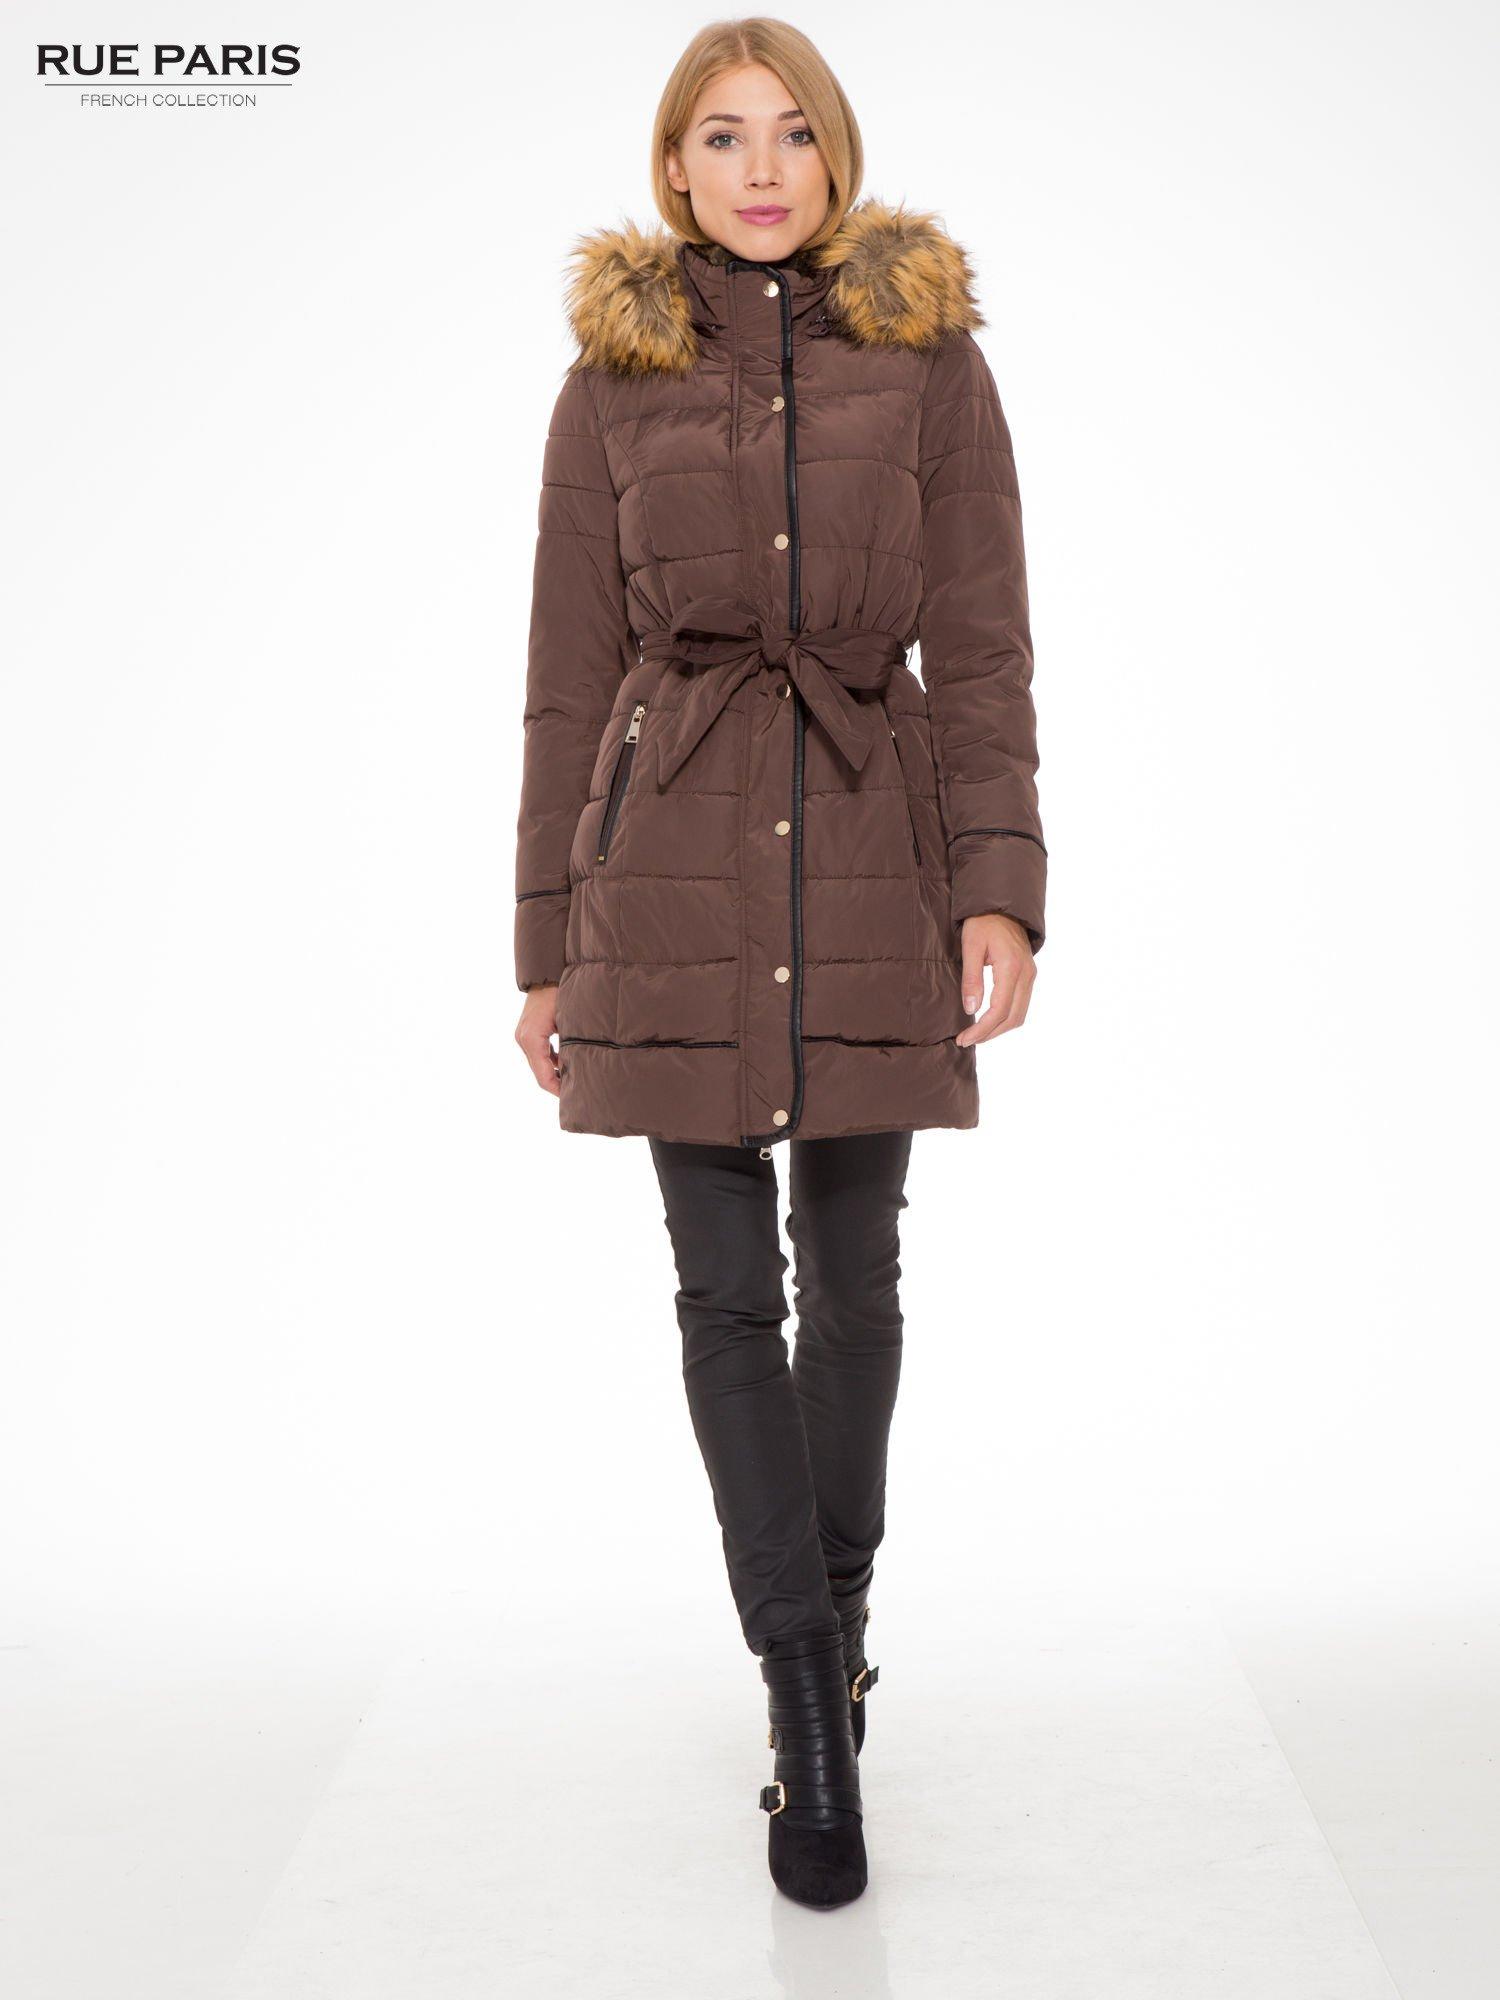 Brązowy taliowany płaszcz puchowy z kapturem z futerkiem                                  zdj.                                  2